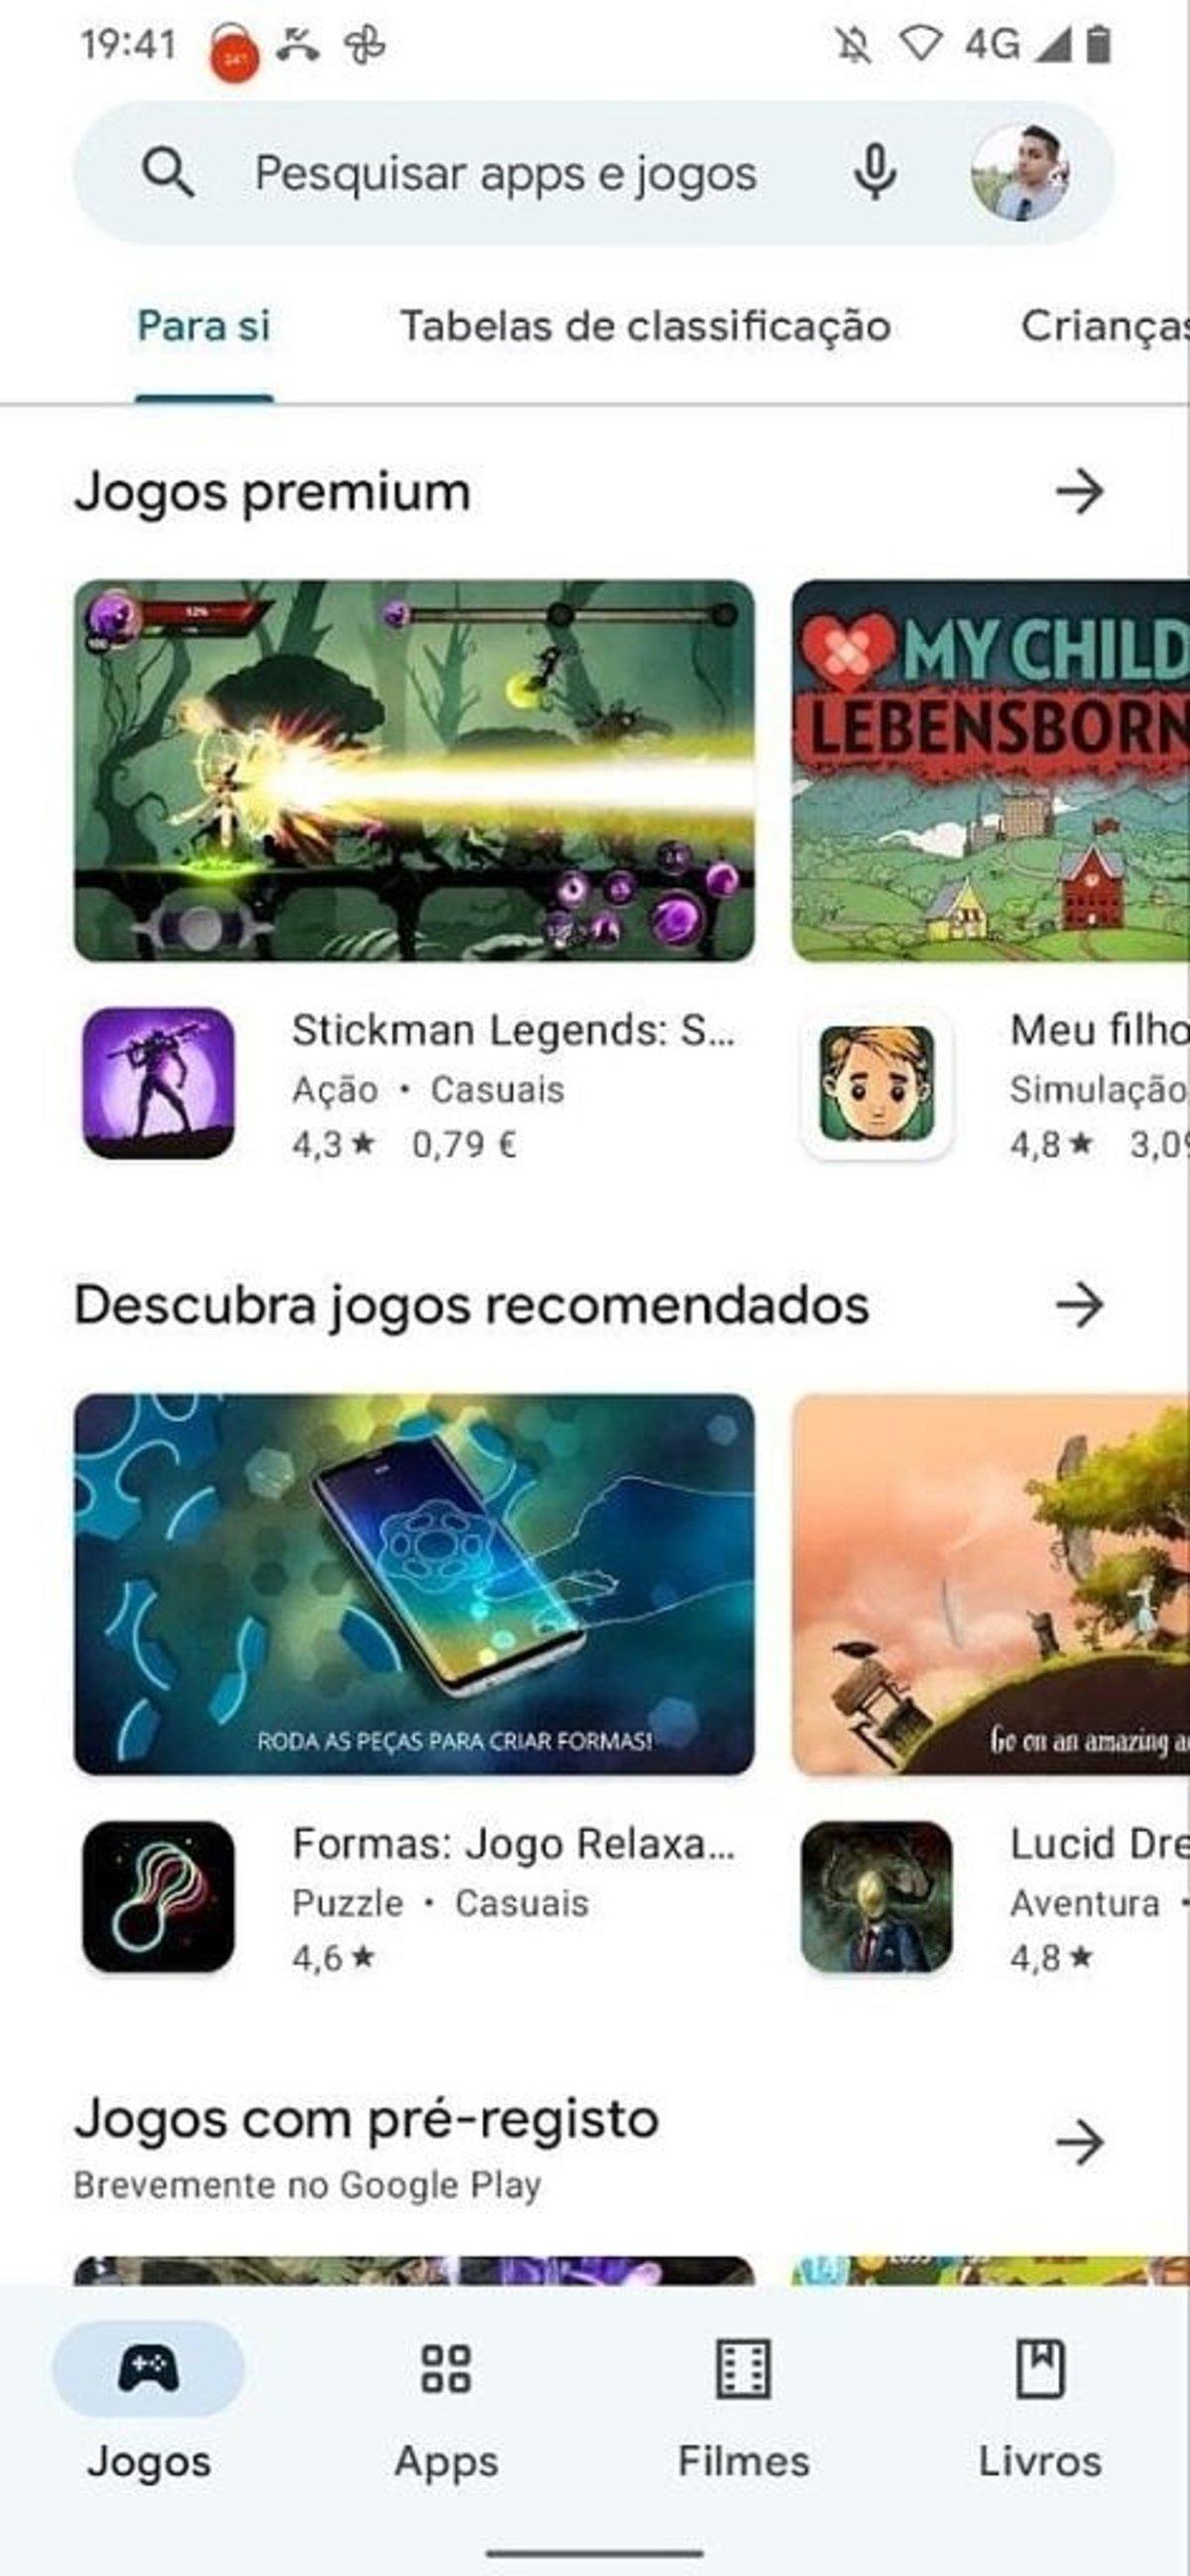 Google Play Store est mis à jour avec un nouveau design basé sur Material You